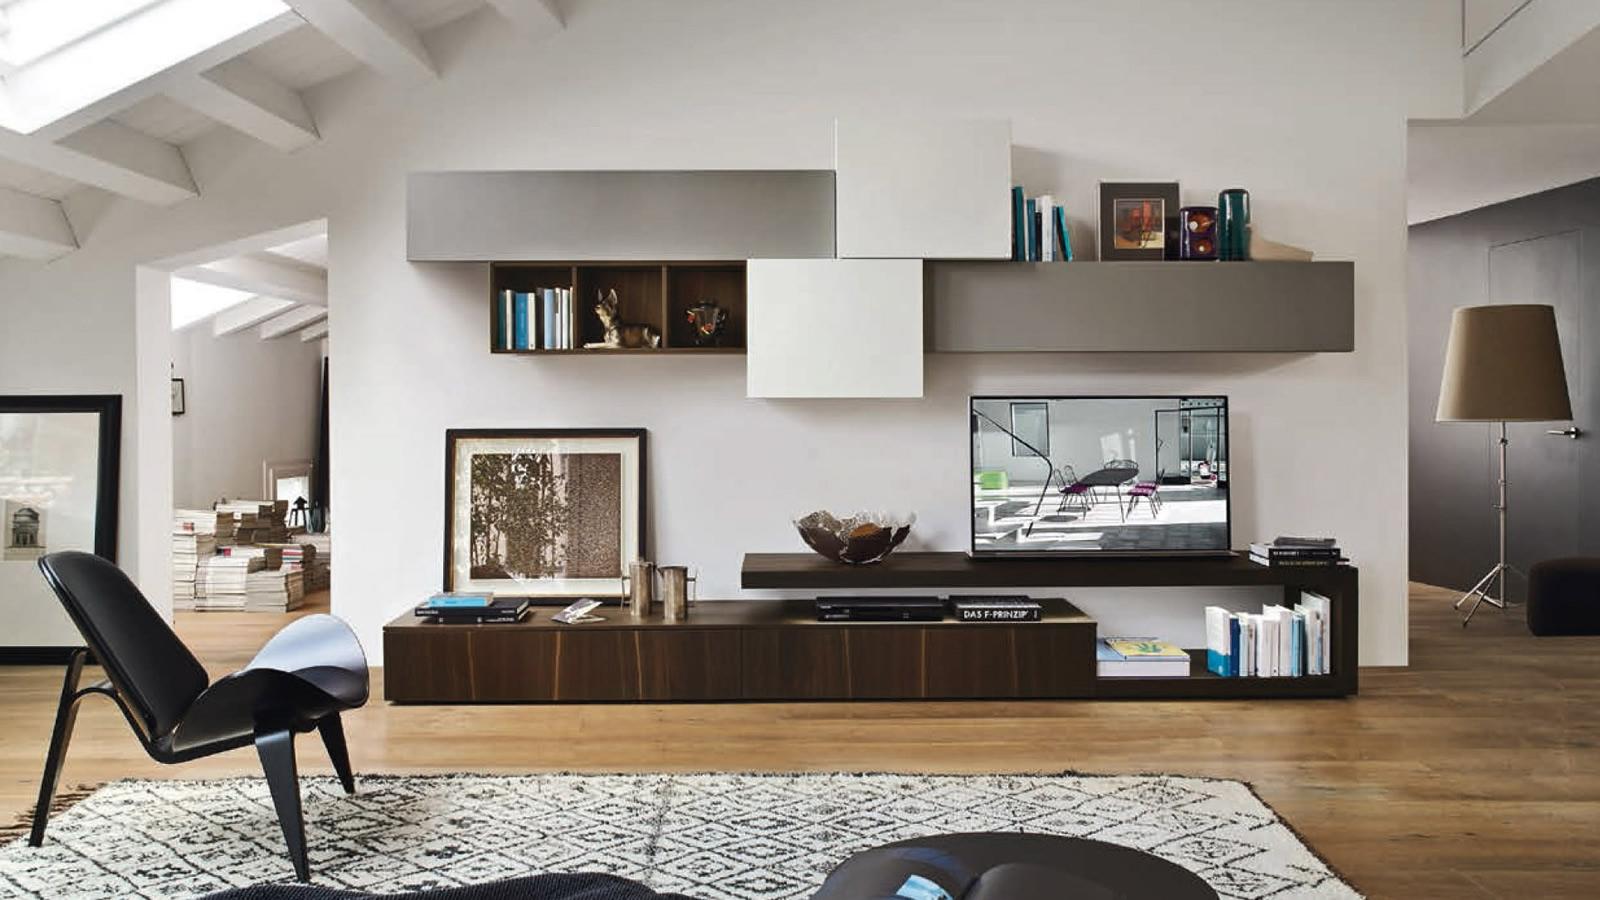 pistone mobili: da 60 anni arredamento mobili palermo e provincia - Arredo Bagno Palermo E Provincia